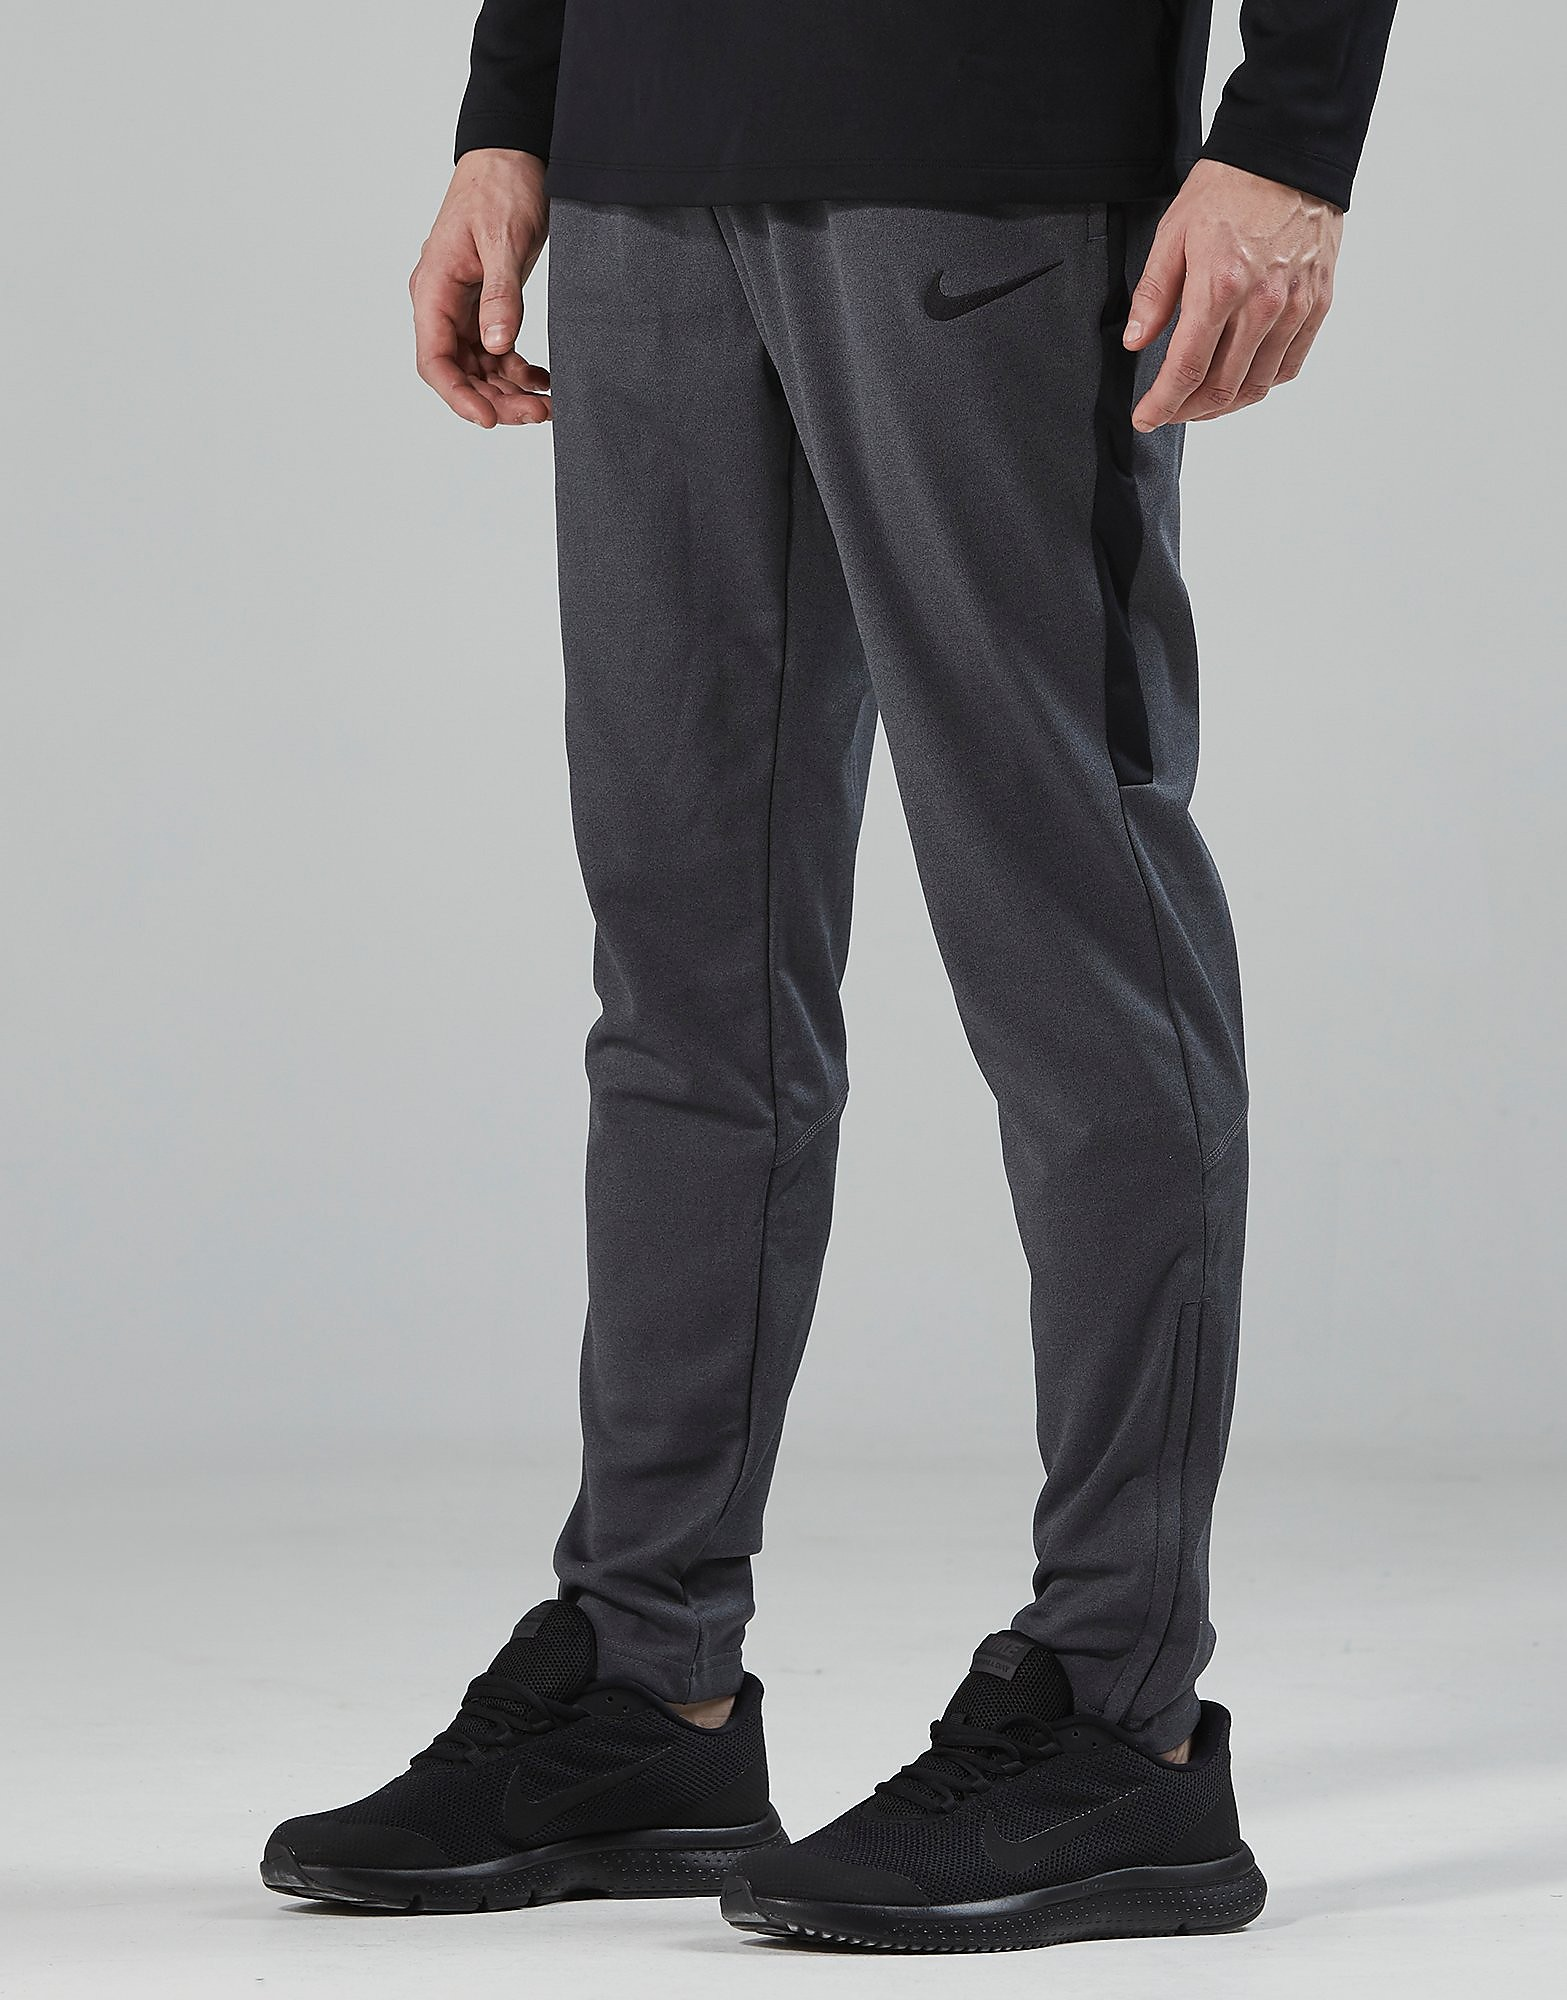 Nike Academy 17 Pants